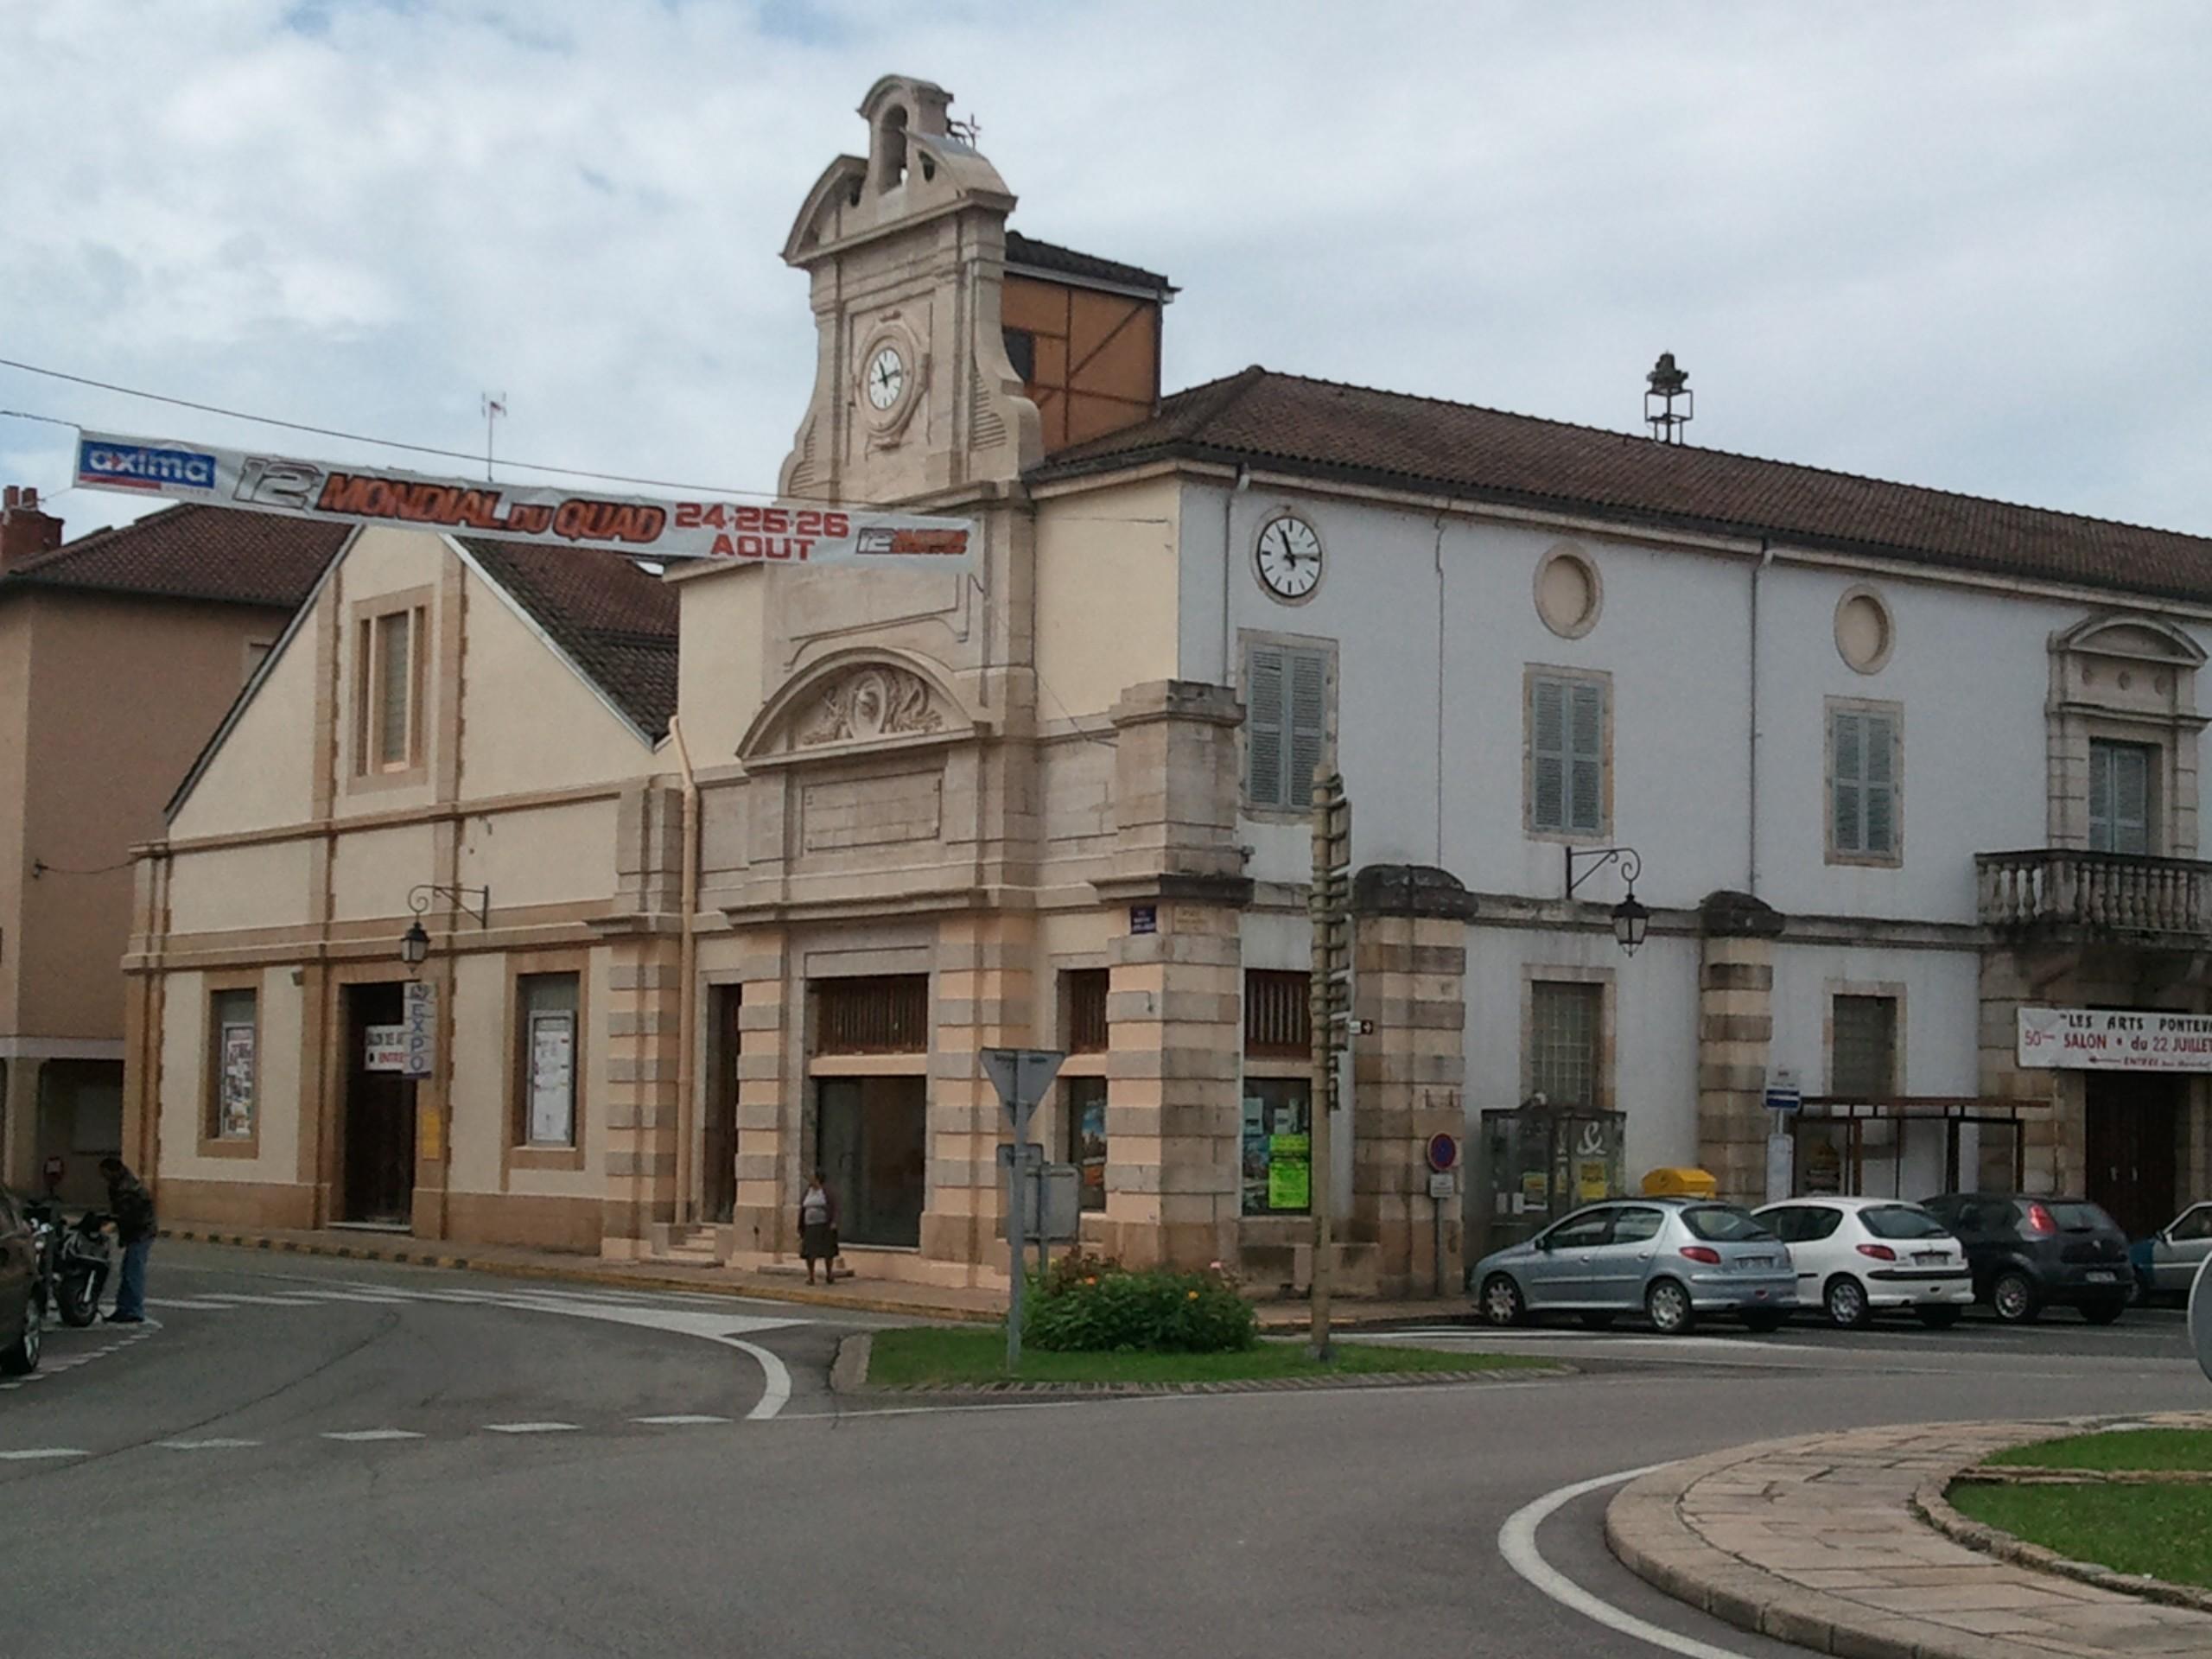 Maison racle franche rue 53 pont de vaux monument for Piscine pont de vaux